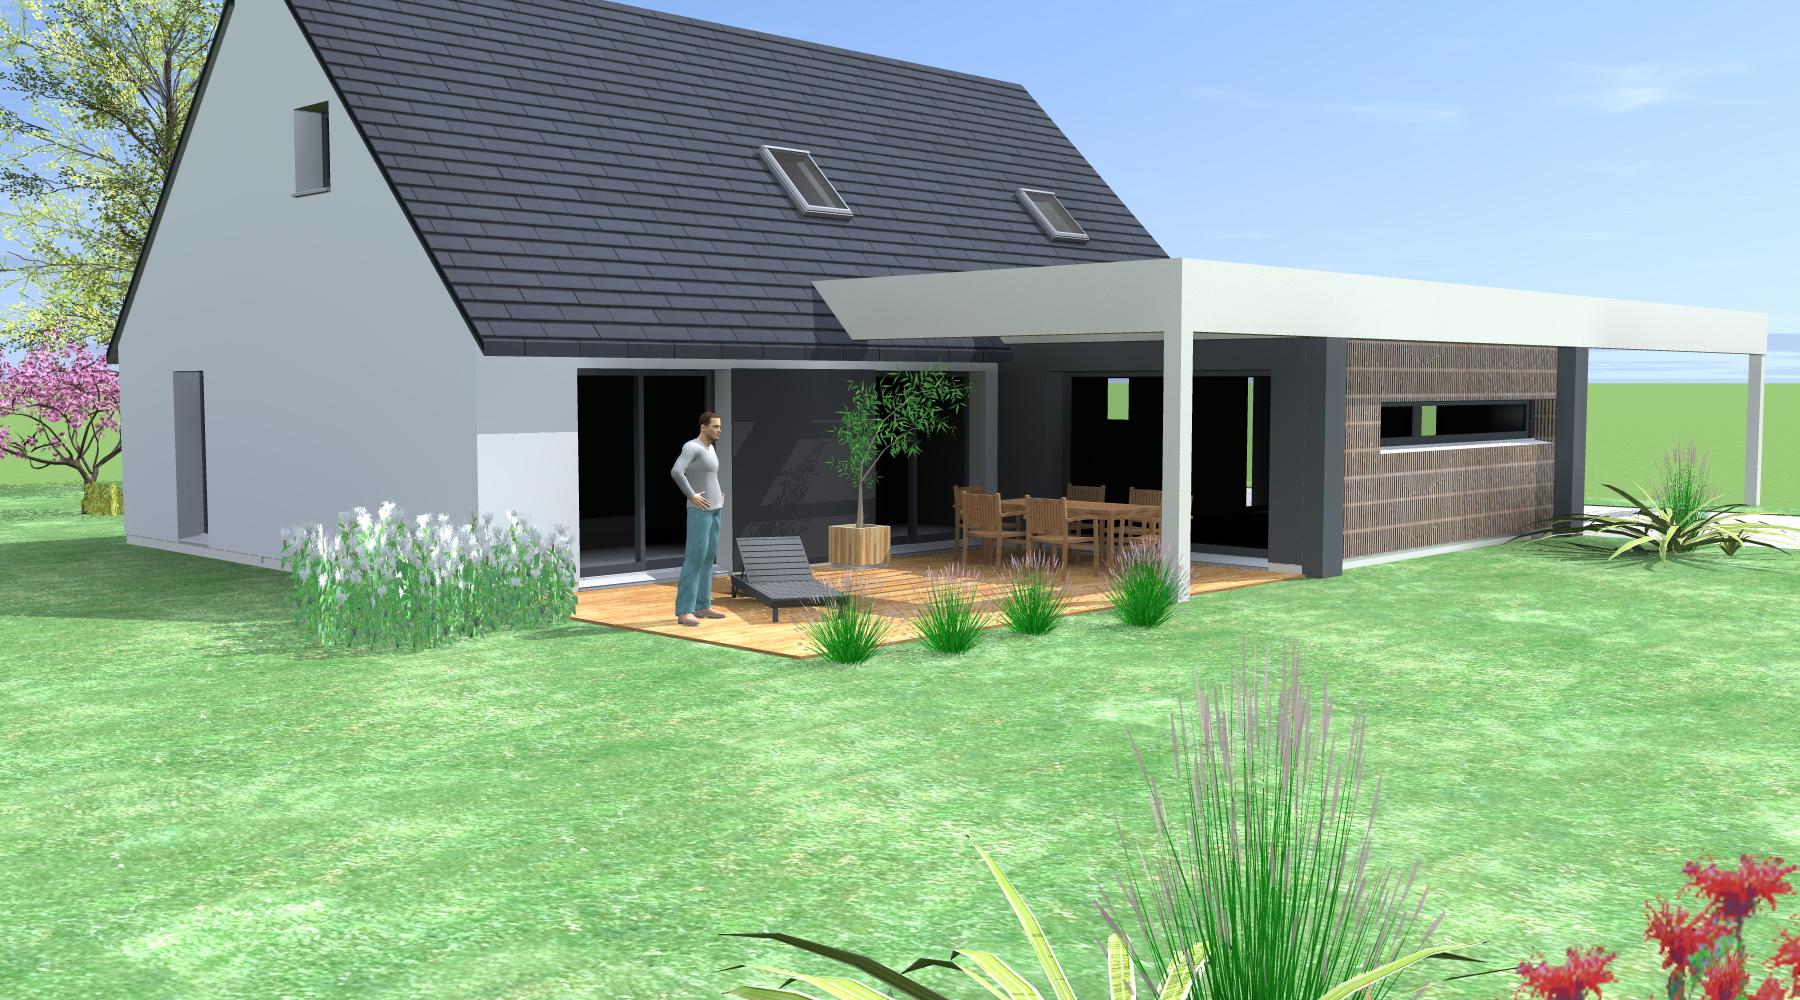 projet m m 1 2 vue architecte lise roturier rennes 35000. Black Bedroom Furniture Sets. Home Design Ideas